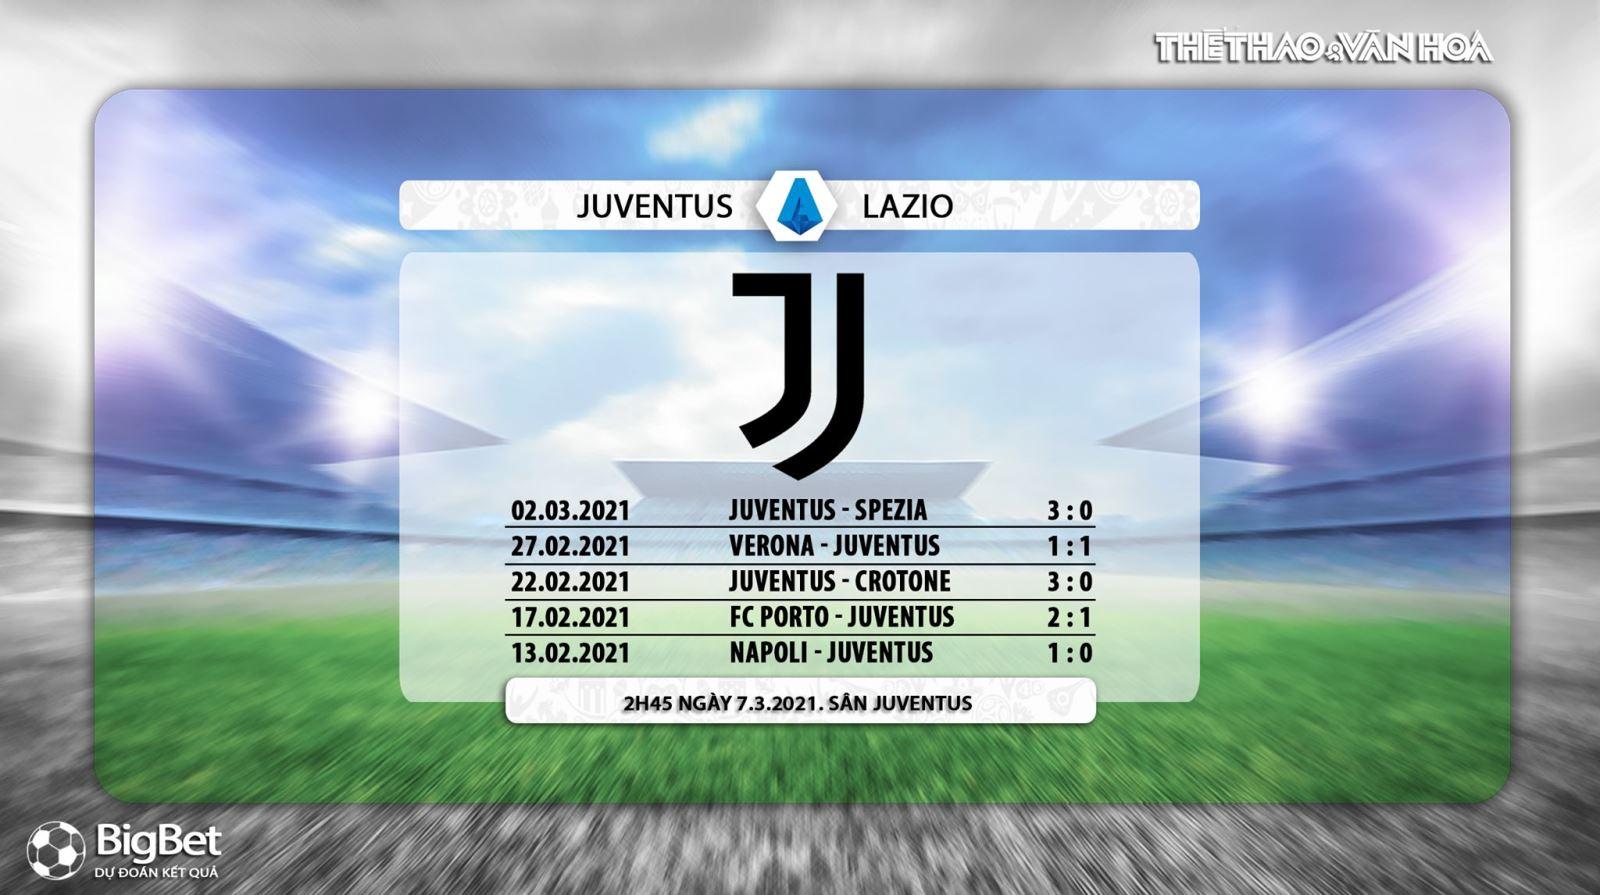 Keo nha cai, Kèo nhà cái, Juventus vs Lazio, FPT Play trực tiếp bóng đá Ý, Soi kèo Juventus, soi kèo Jvuentus đấu với Lazio, xem trực tiếp bóng đá Italia, Serie A